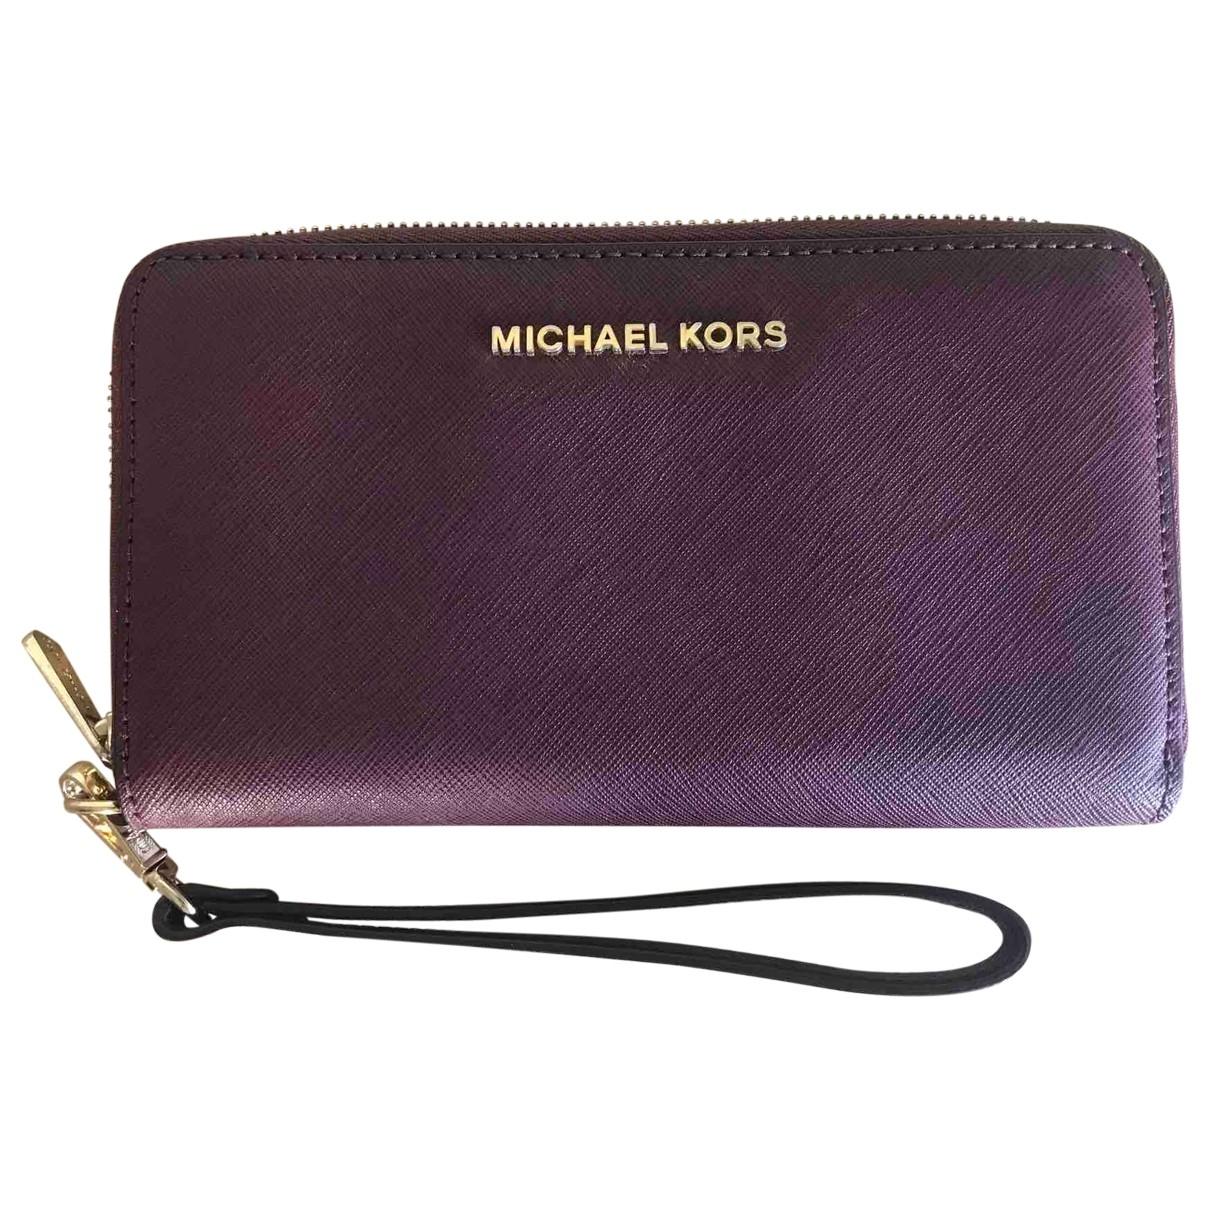 Michael Kors - Portefeuille   pour femme en cuir - bordeaux